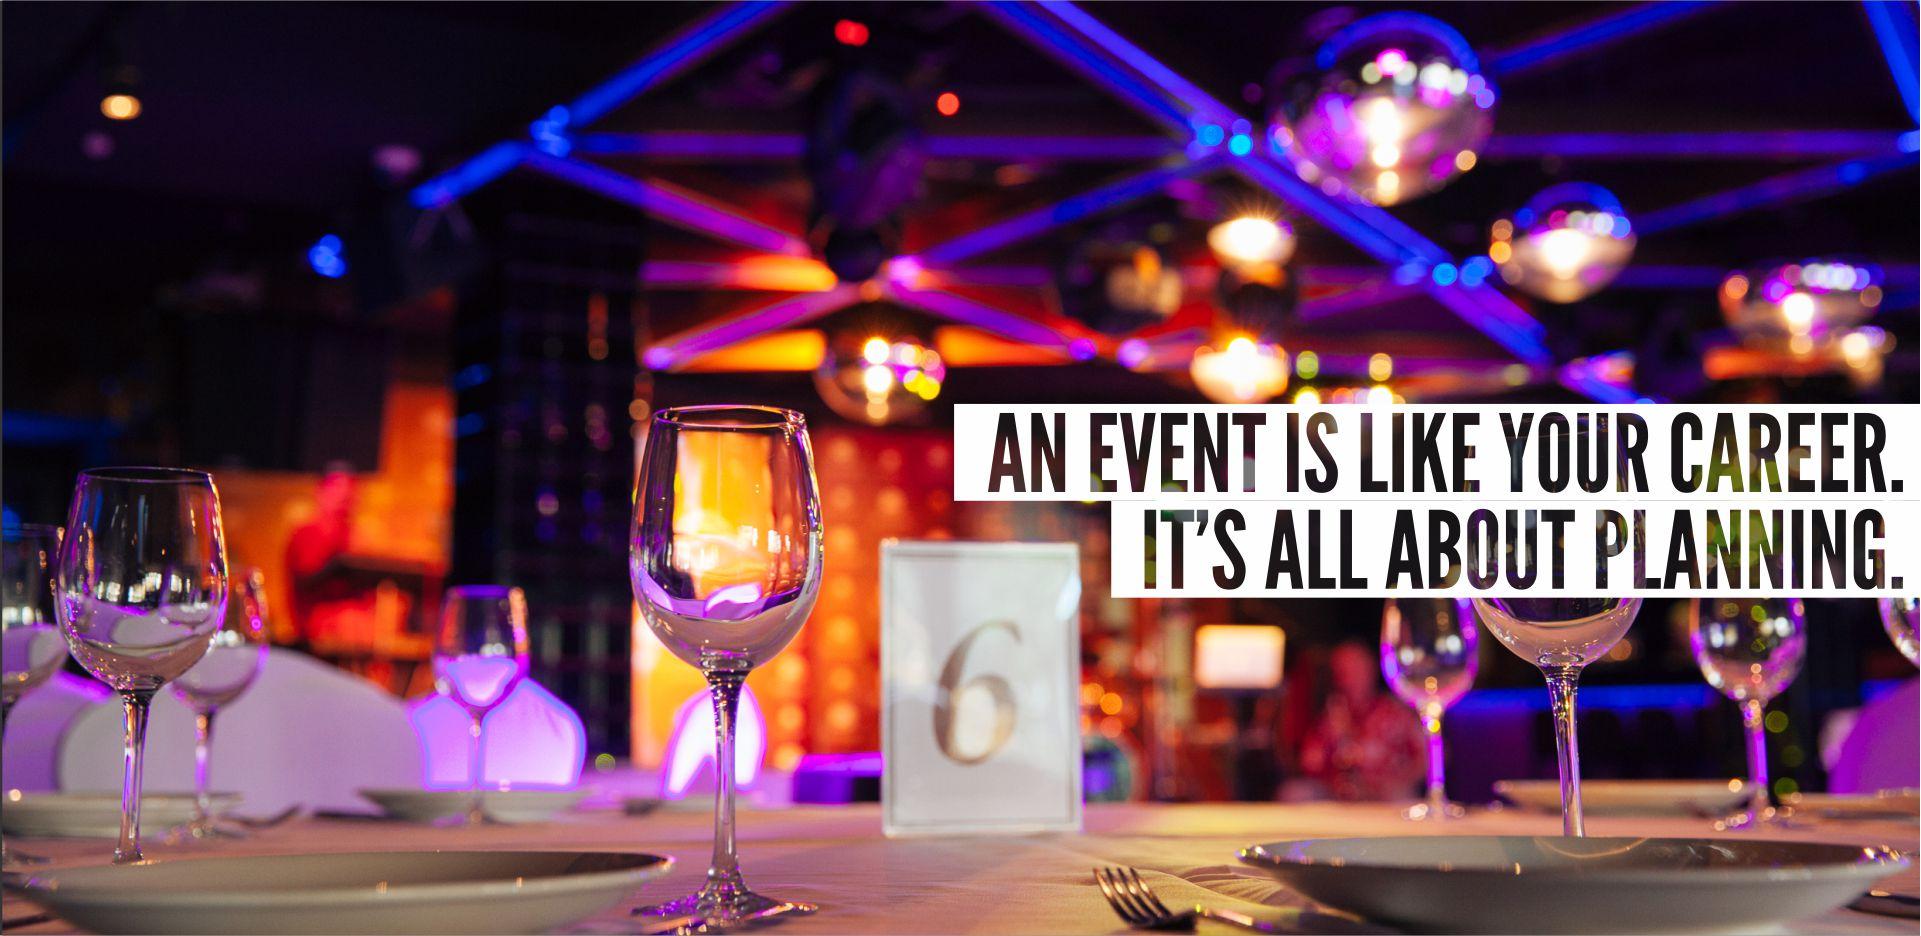 Η Expert events παρέχει ολοκληρωμένες υπηρεσίες διοργάνωσης εκδηλώσεων.